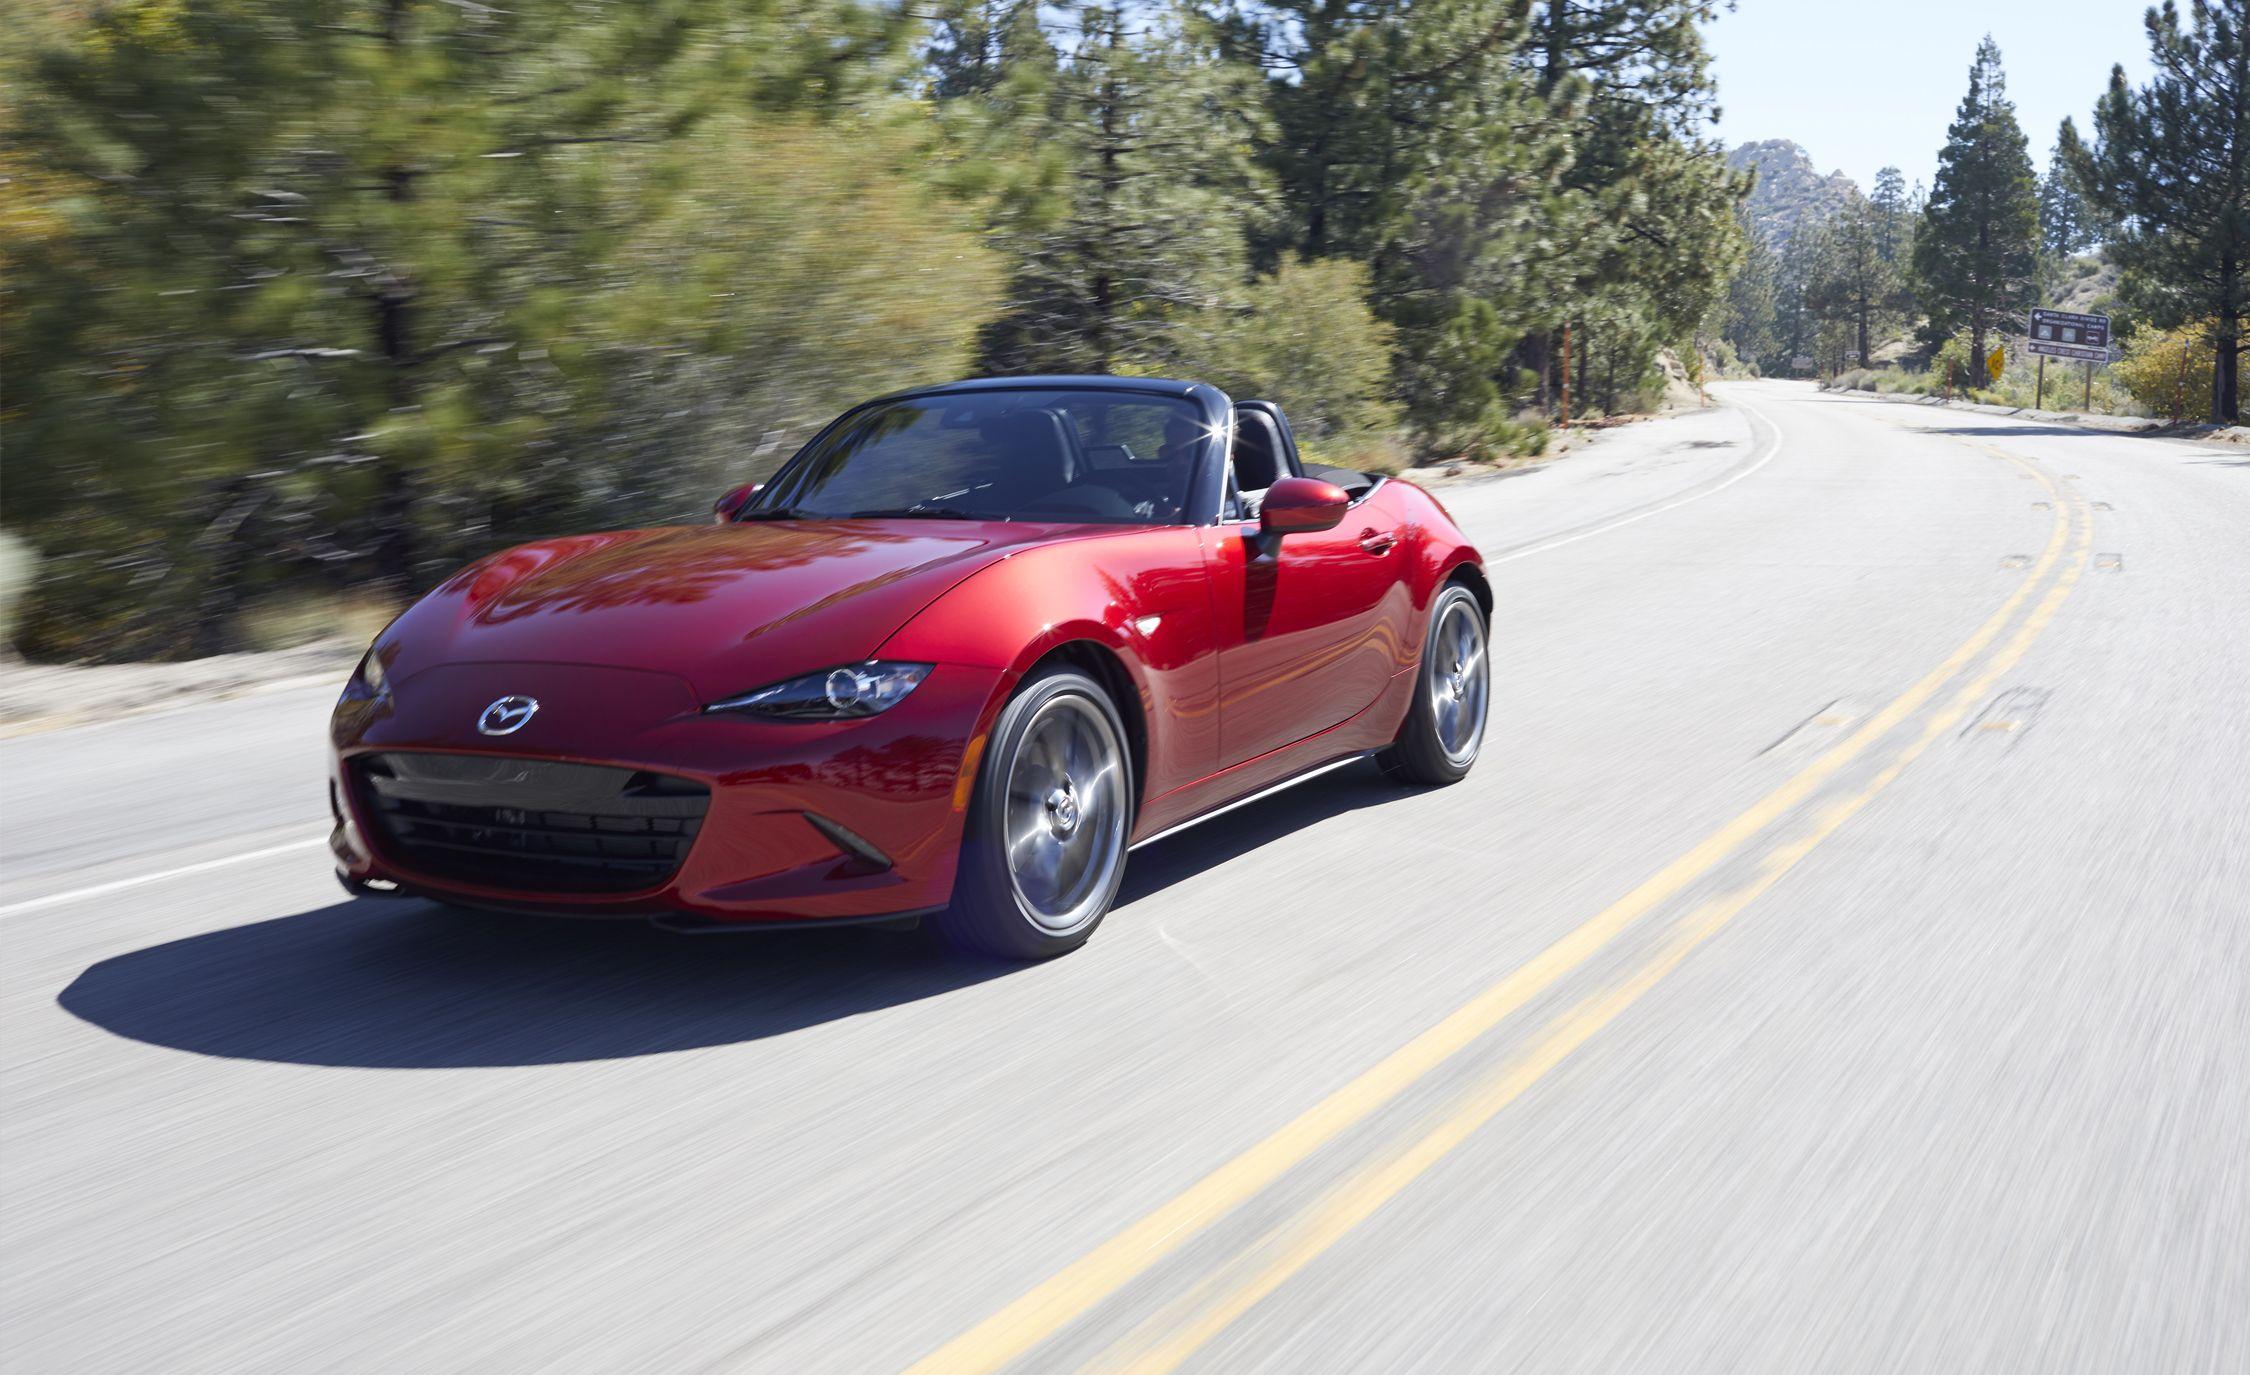 2019 Mazda Mx 5 Miata Gets More Power